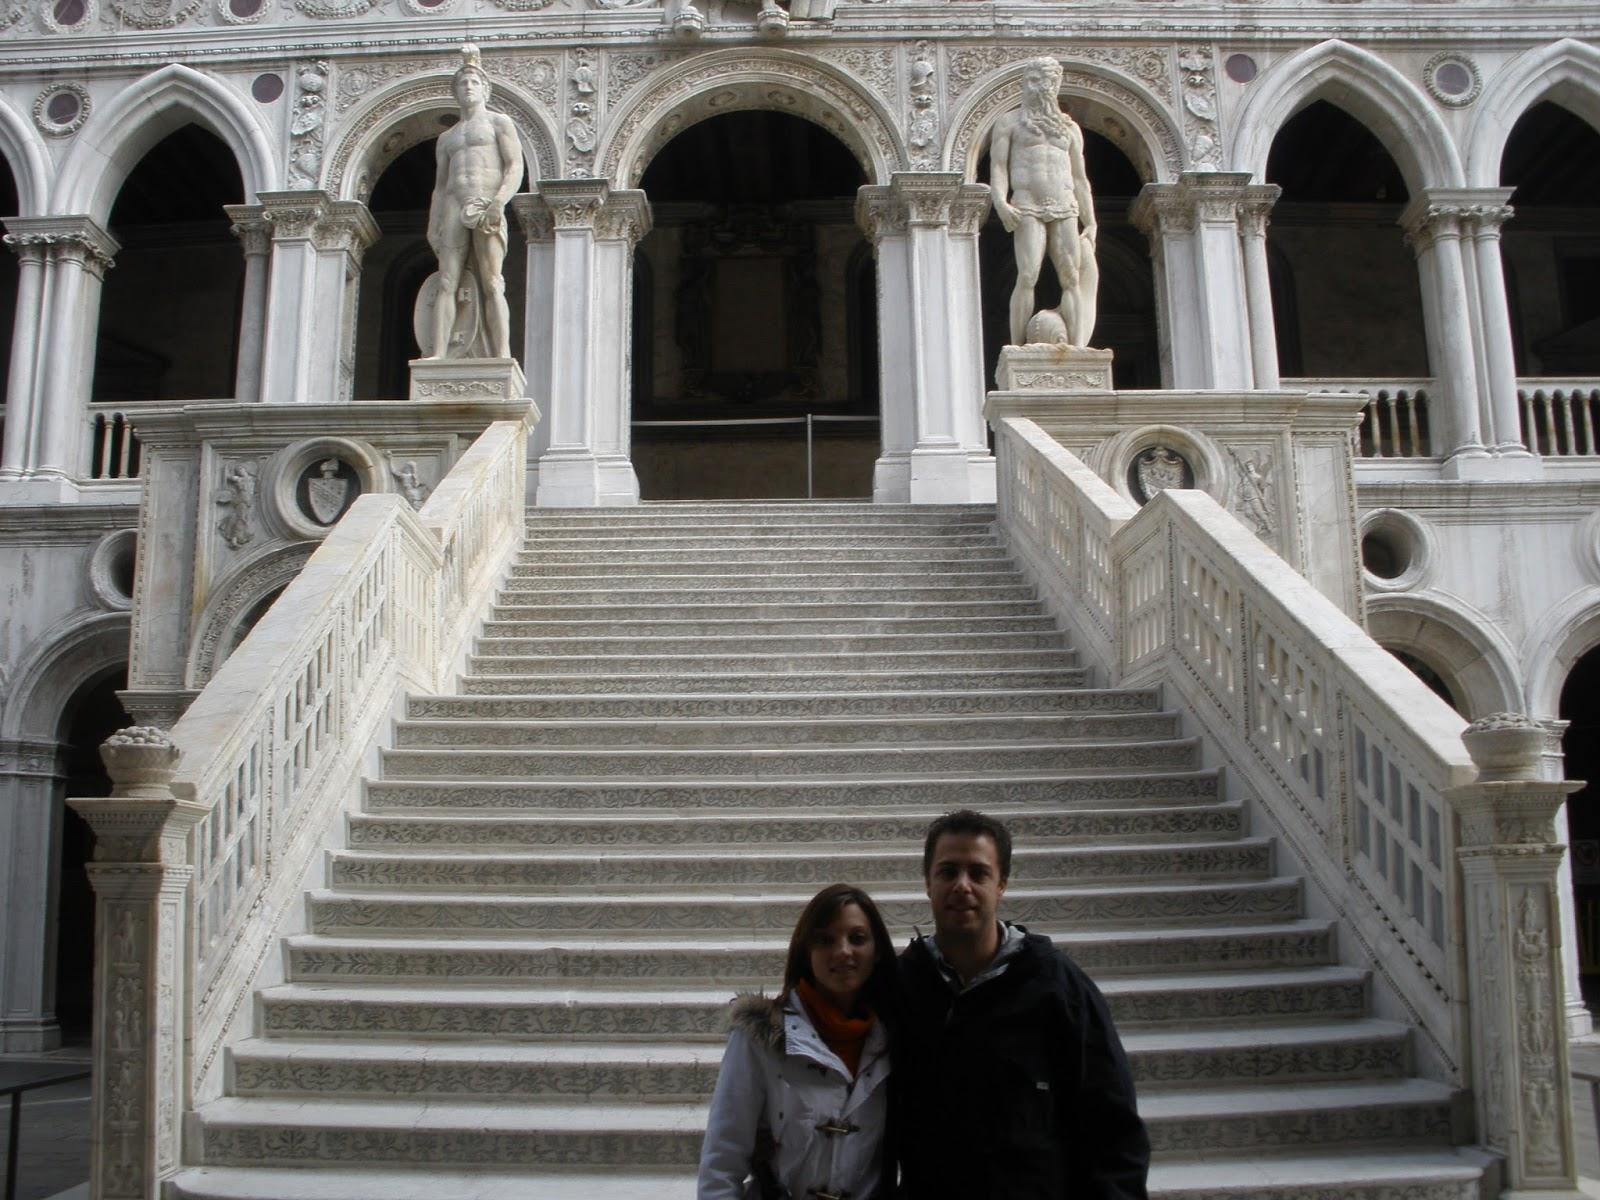 La Escalera de los Gigantes, se encuentra en el patio del Palacio Ducal